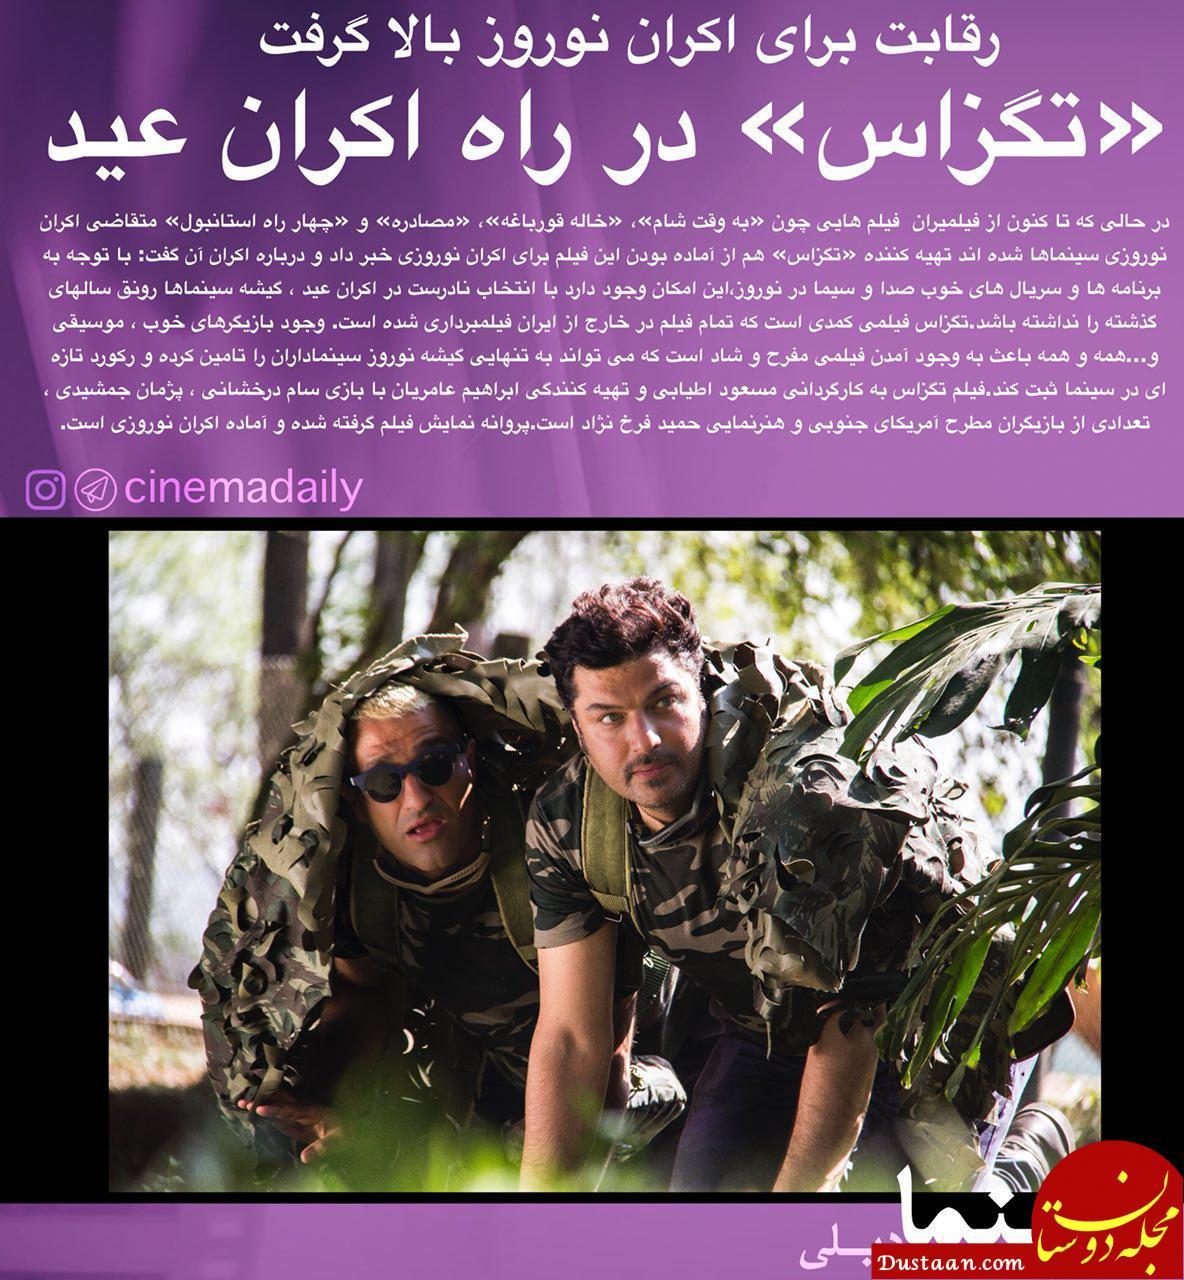 www.dustaan.com «تگزاس» برای اکران نوروزی آماده می شود؟ +عکس